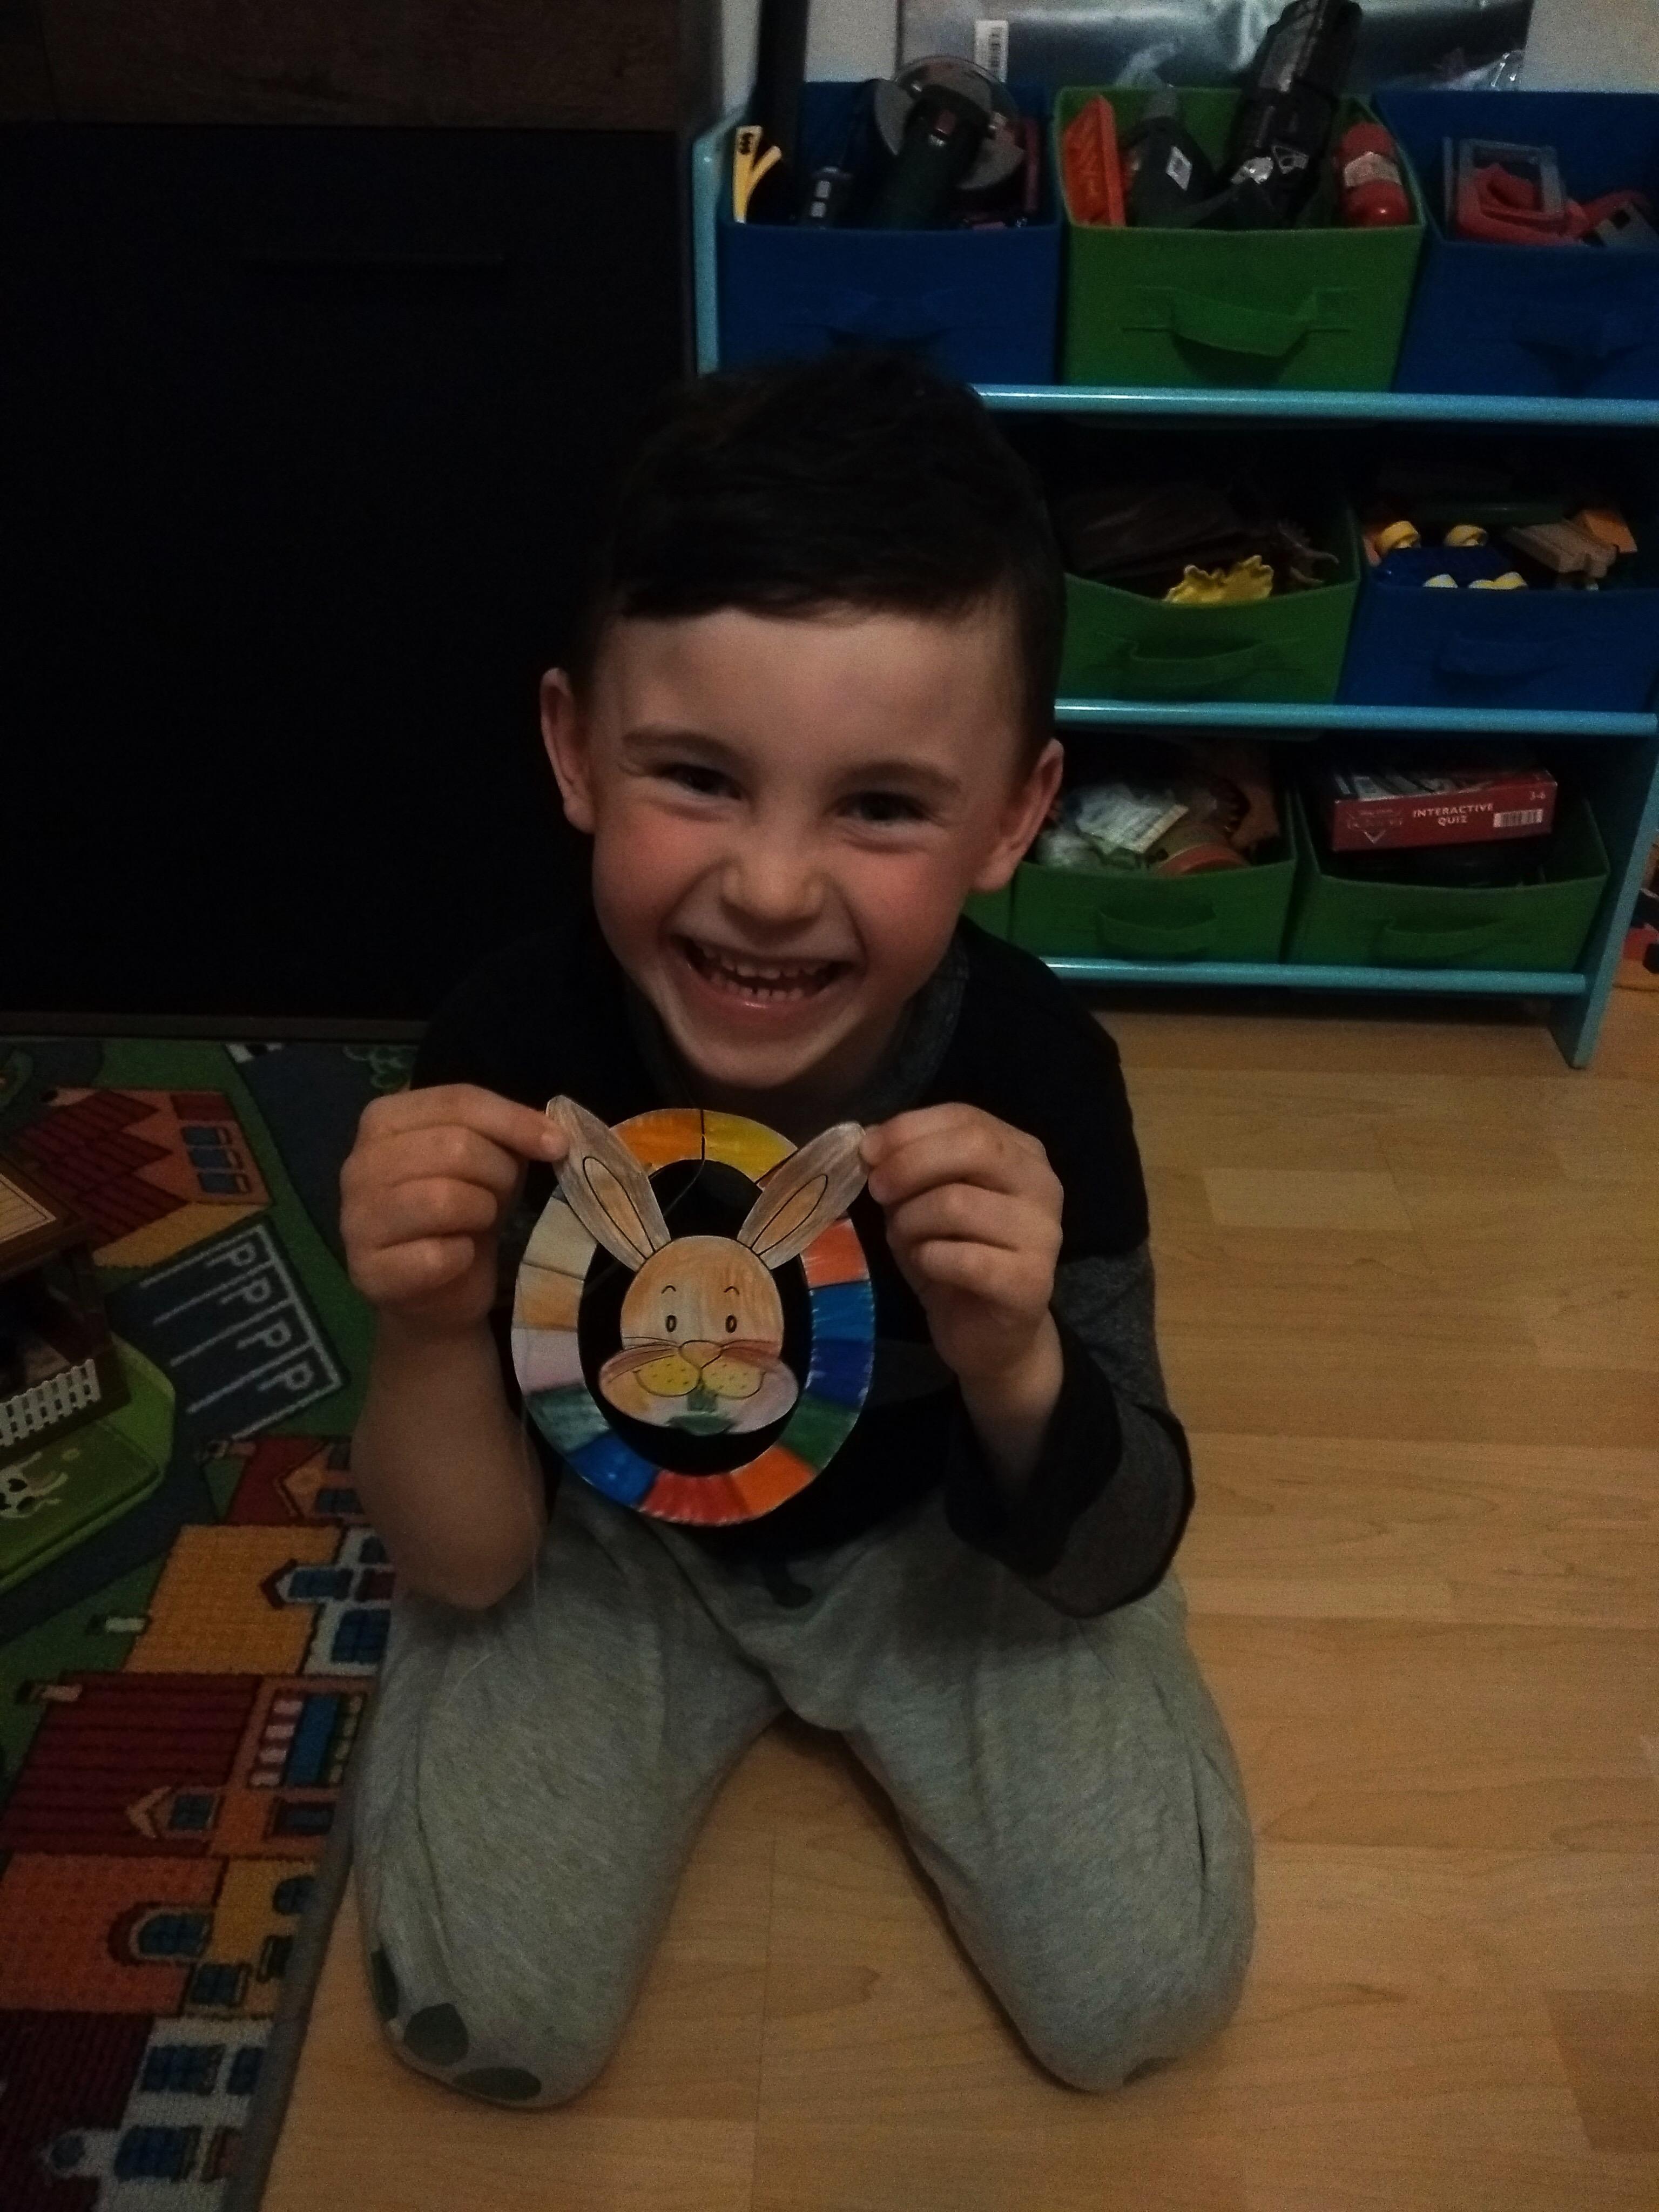 Veľmi sa tešíme, že aj usmievavý Tobiasko z triedy OBLÁČIKY v Bokši je usilovný ako včelička. Krásny zajko, Tobi